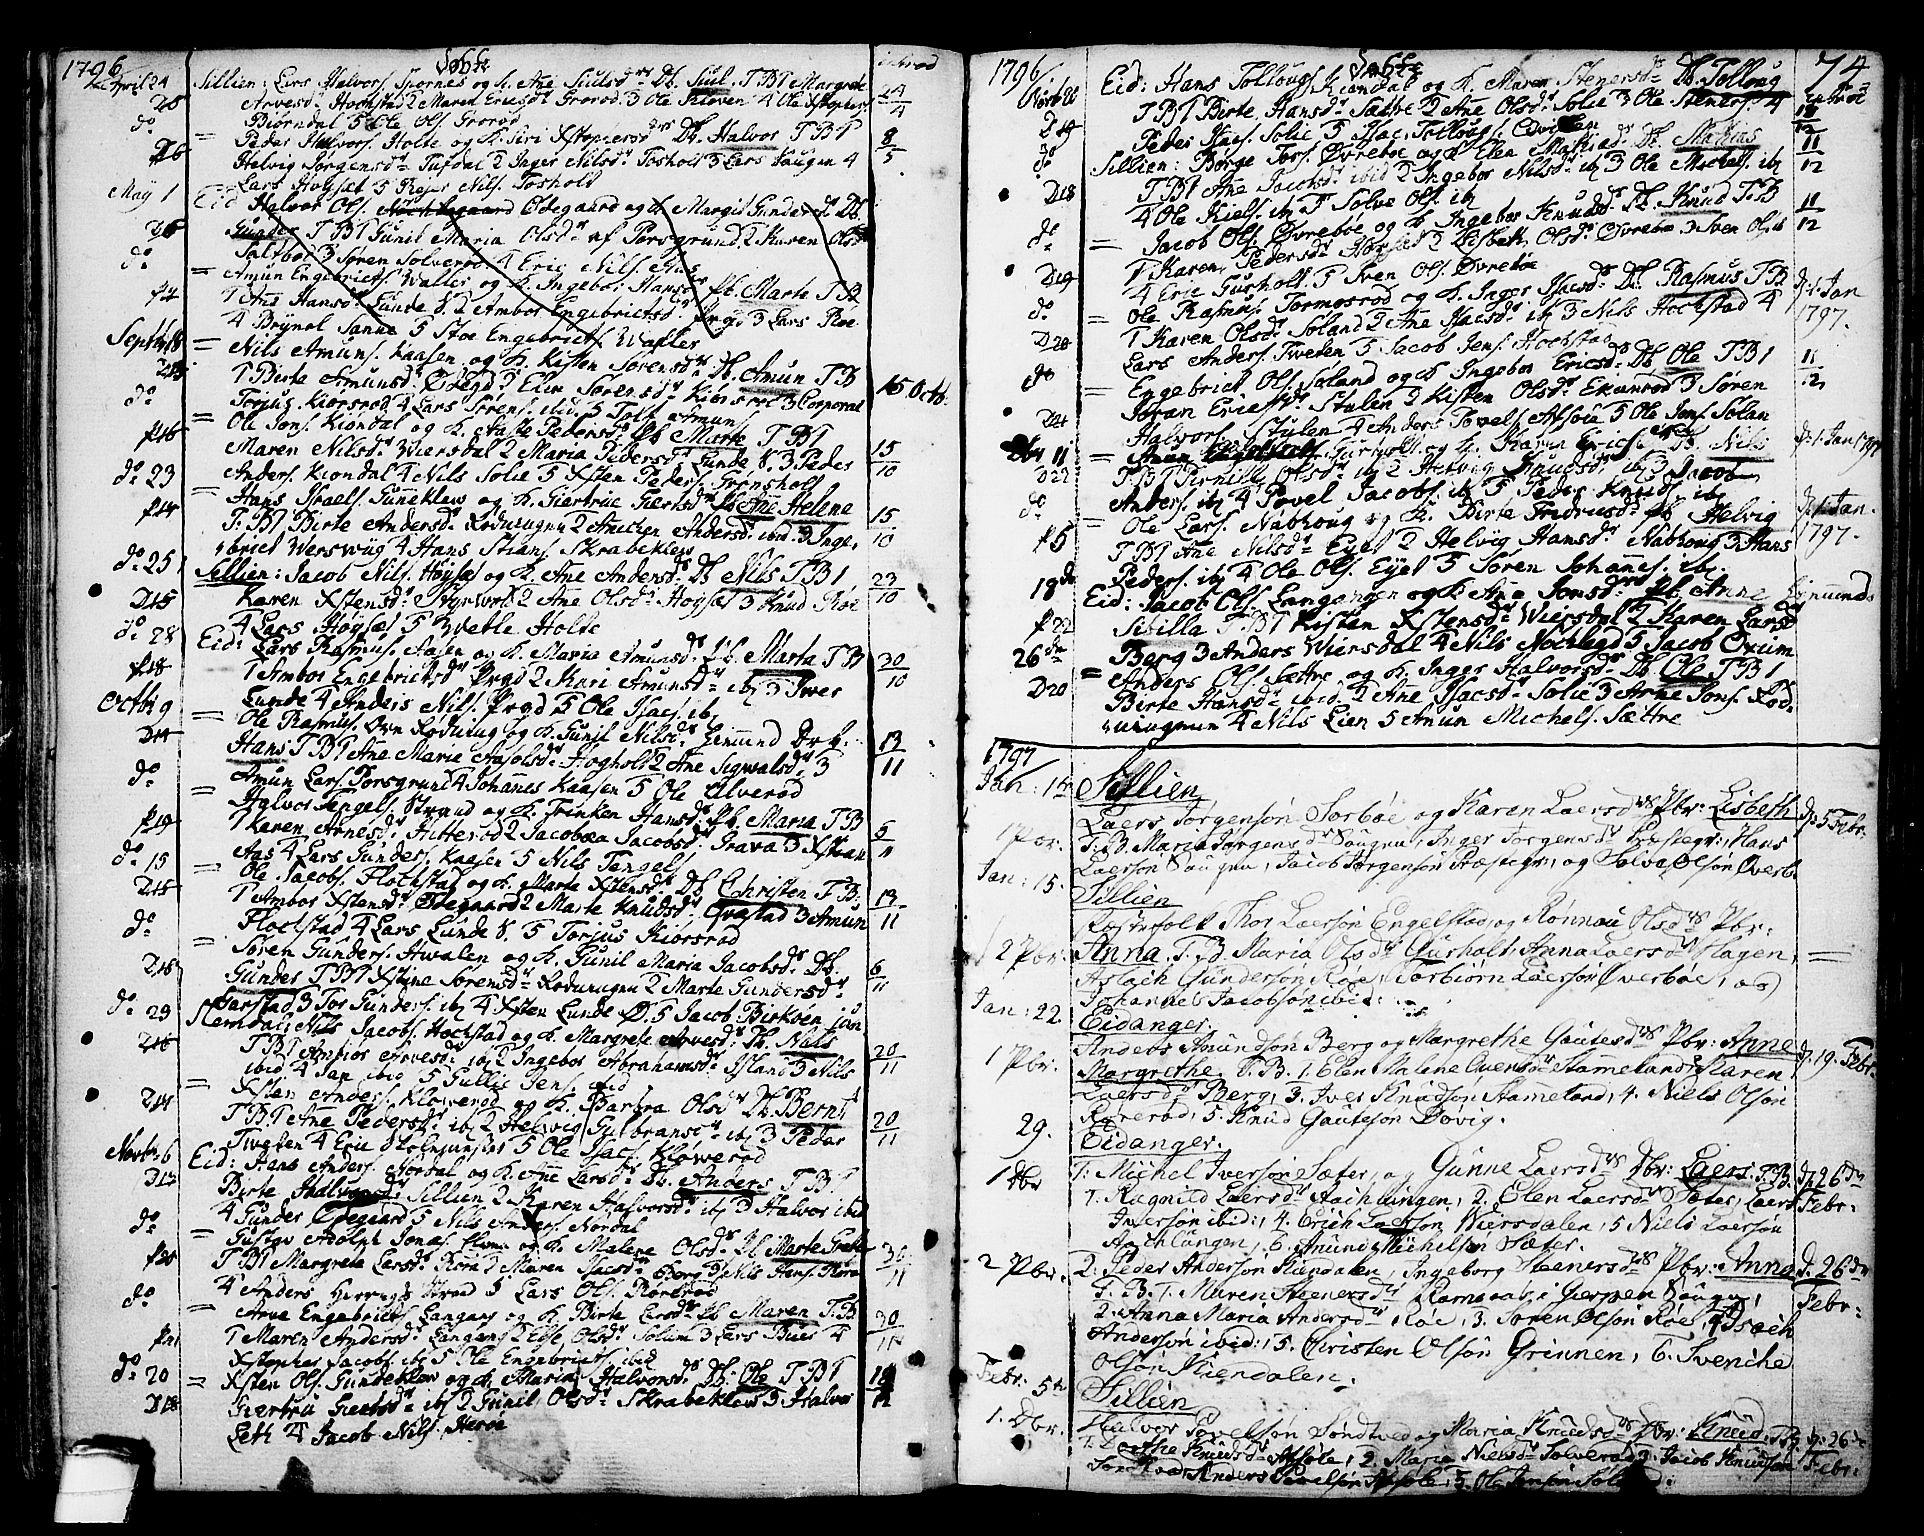 SAKO, Eidanger kirkebøker, F/Fa/L0006: Ministerialbok nr. 6, 1764-1814, s. 74